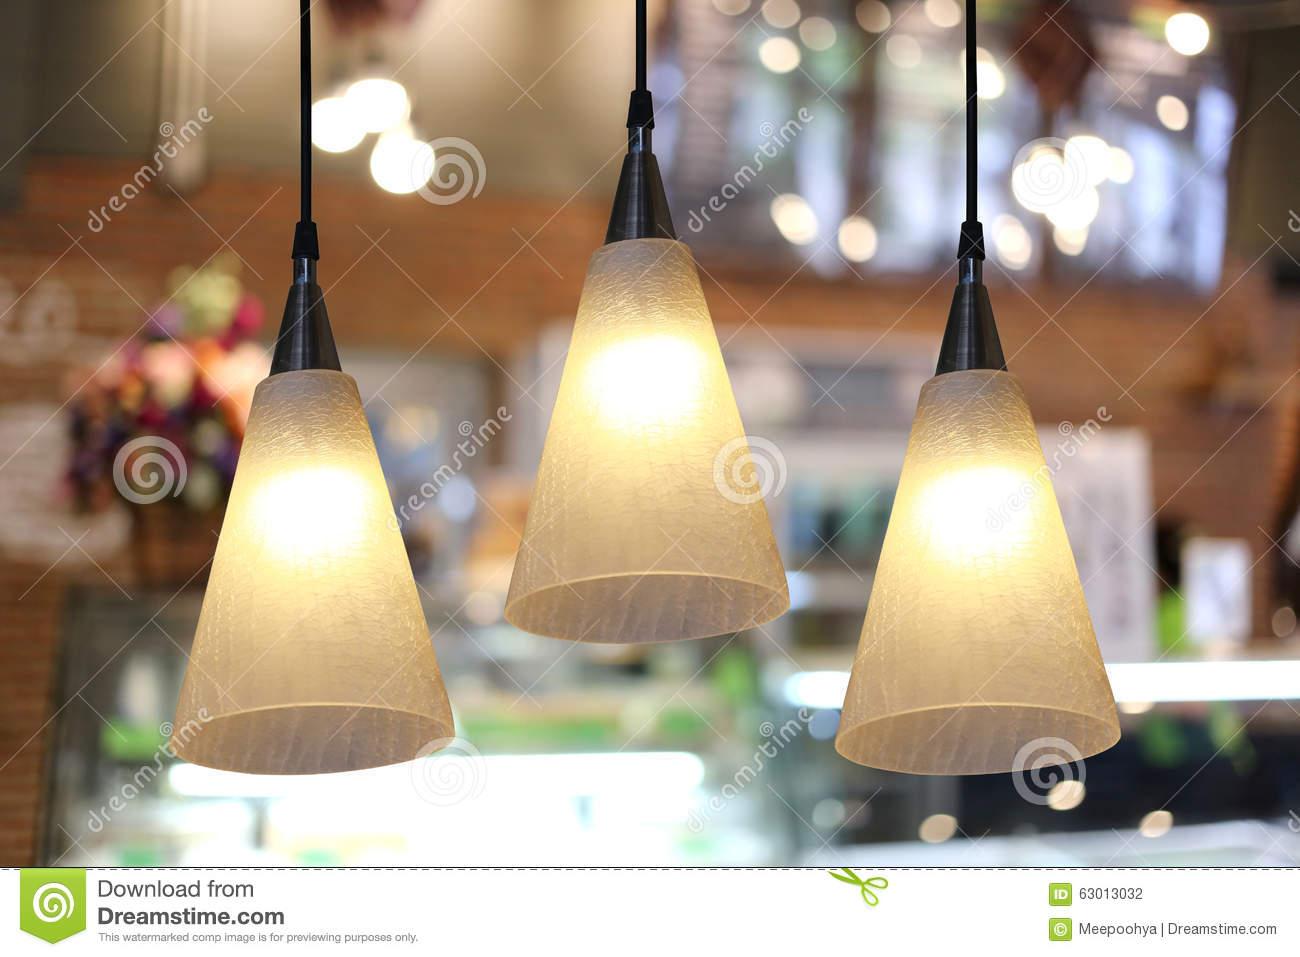 Full Size of Warmen Beleuchtung Im Caf Stockfoto Sofa Wohnzimmer Für Duschen Landhausküche Bett Esstische Fürs 180x200 Wohnzimmer Moderne Deckenlampen